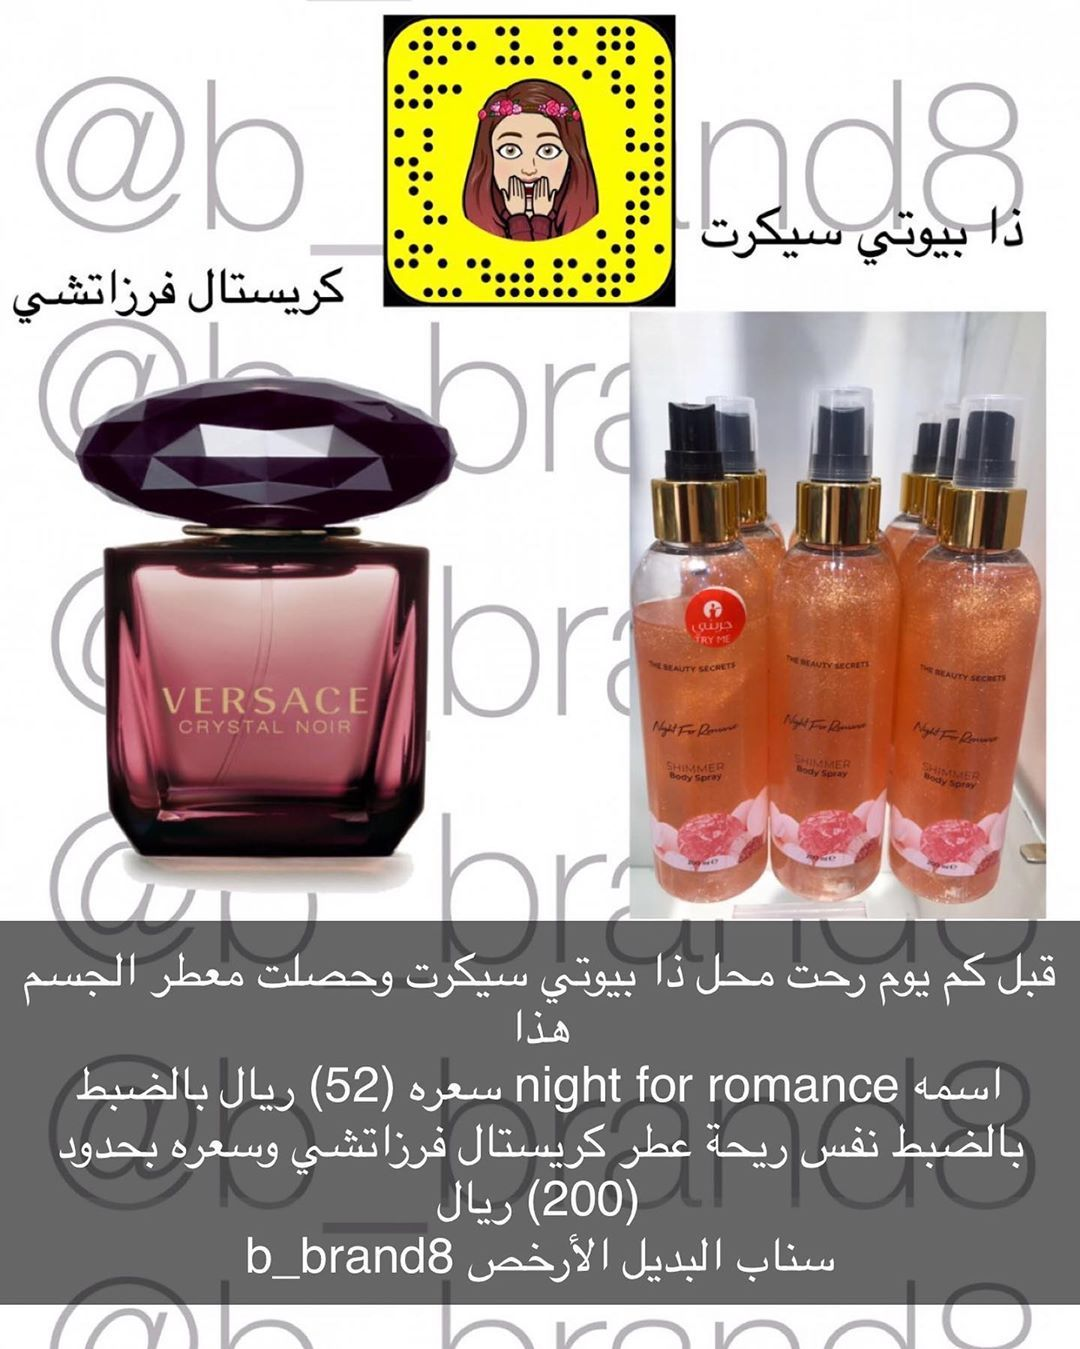 حساب البديل الأرخص On Instagram شاركوني تجاربكم على الخاص كود خصم شي ان Brand15 يخصم لكم Beauty Perfume Skin Care Diy Masks Perfume Making